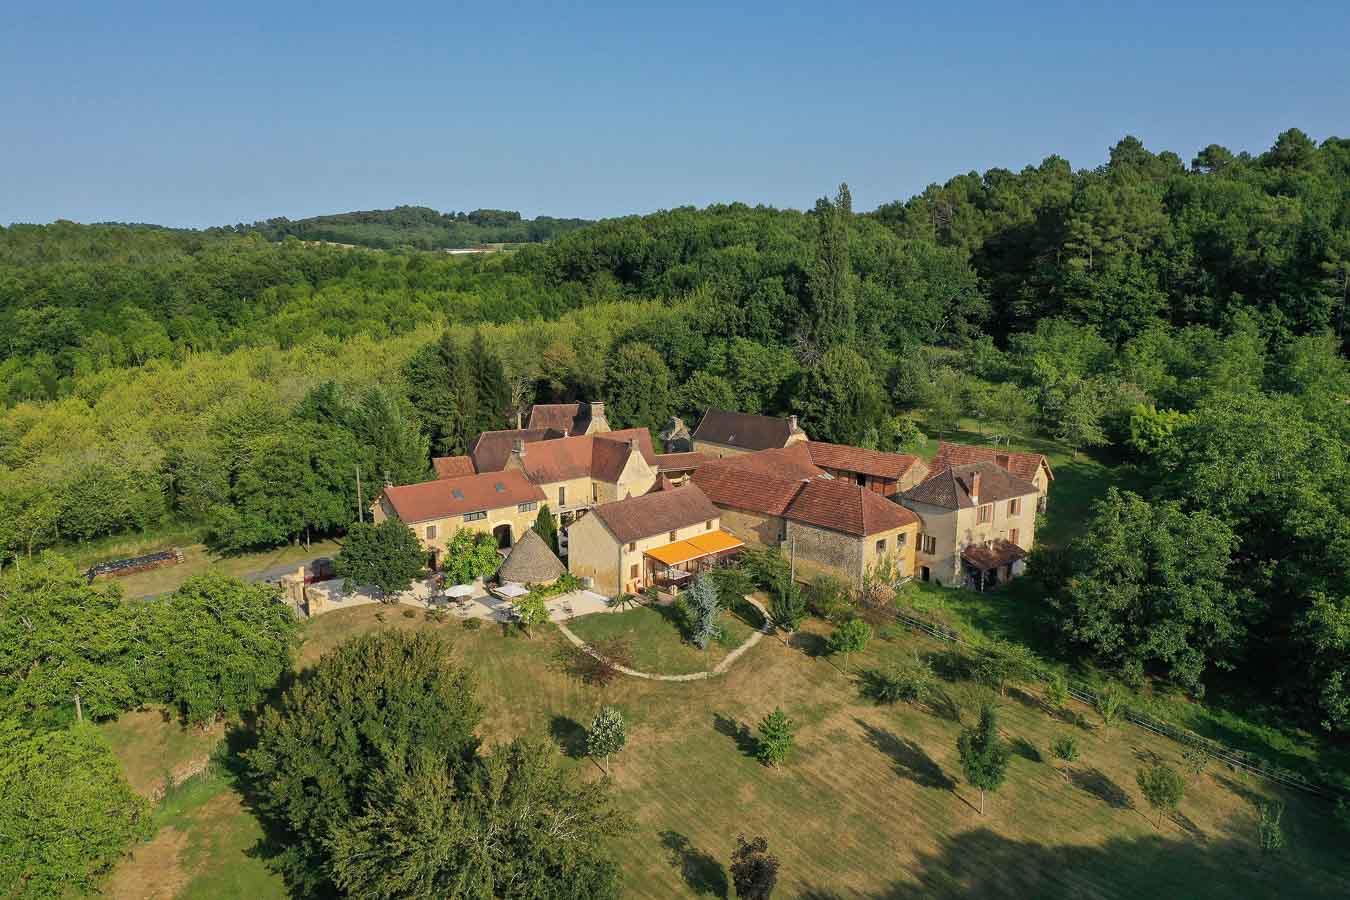 Vue aérienne hameau La Bouyerie Marquay Dordogne